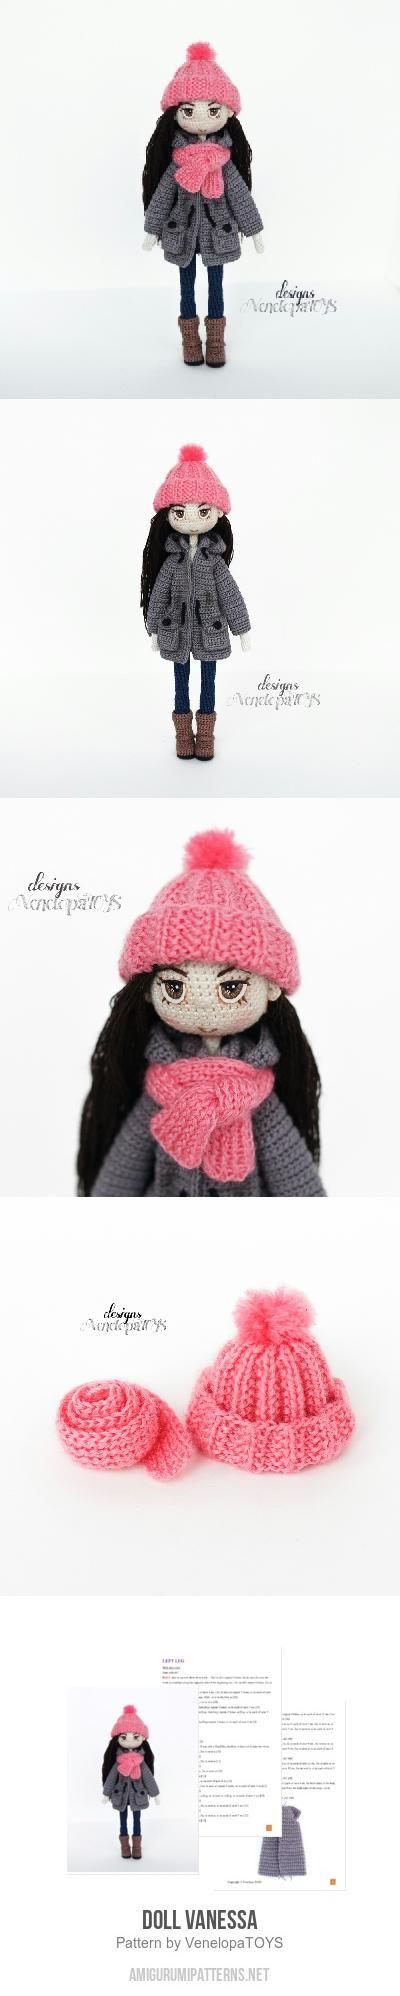 Doll Vanessa amigurumi pattern by VenelopaTOYS | Patrones amigurumi ...